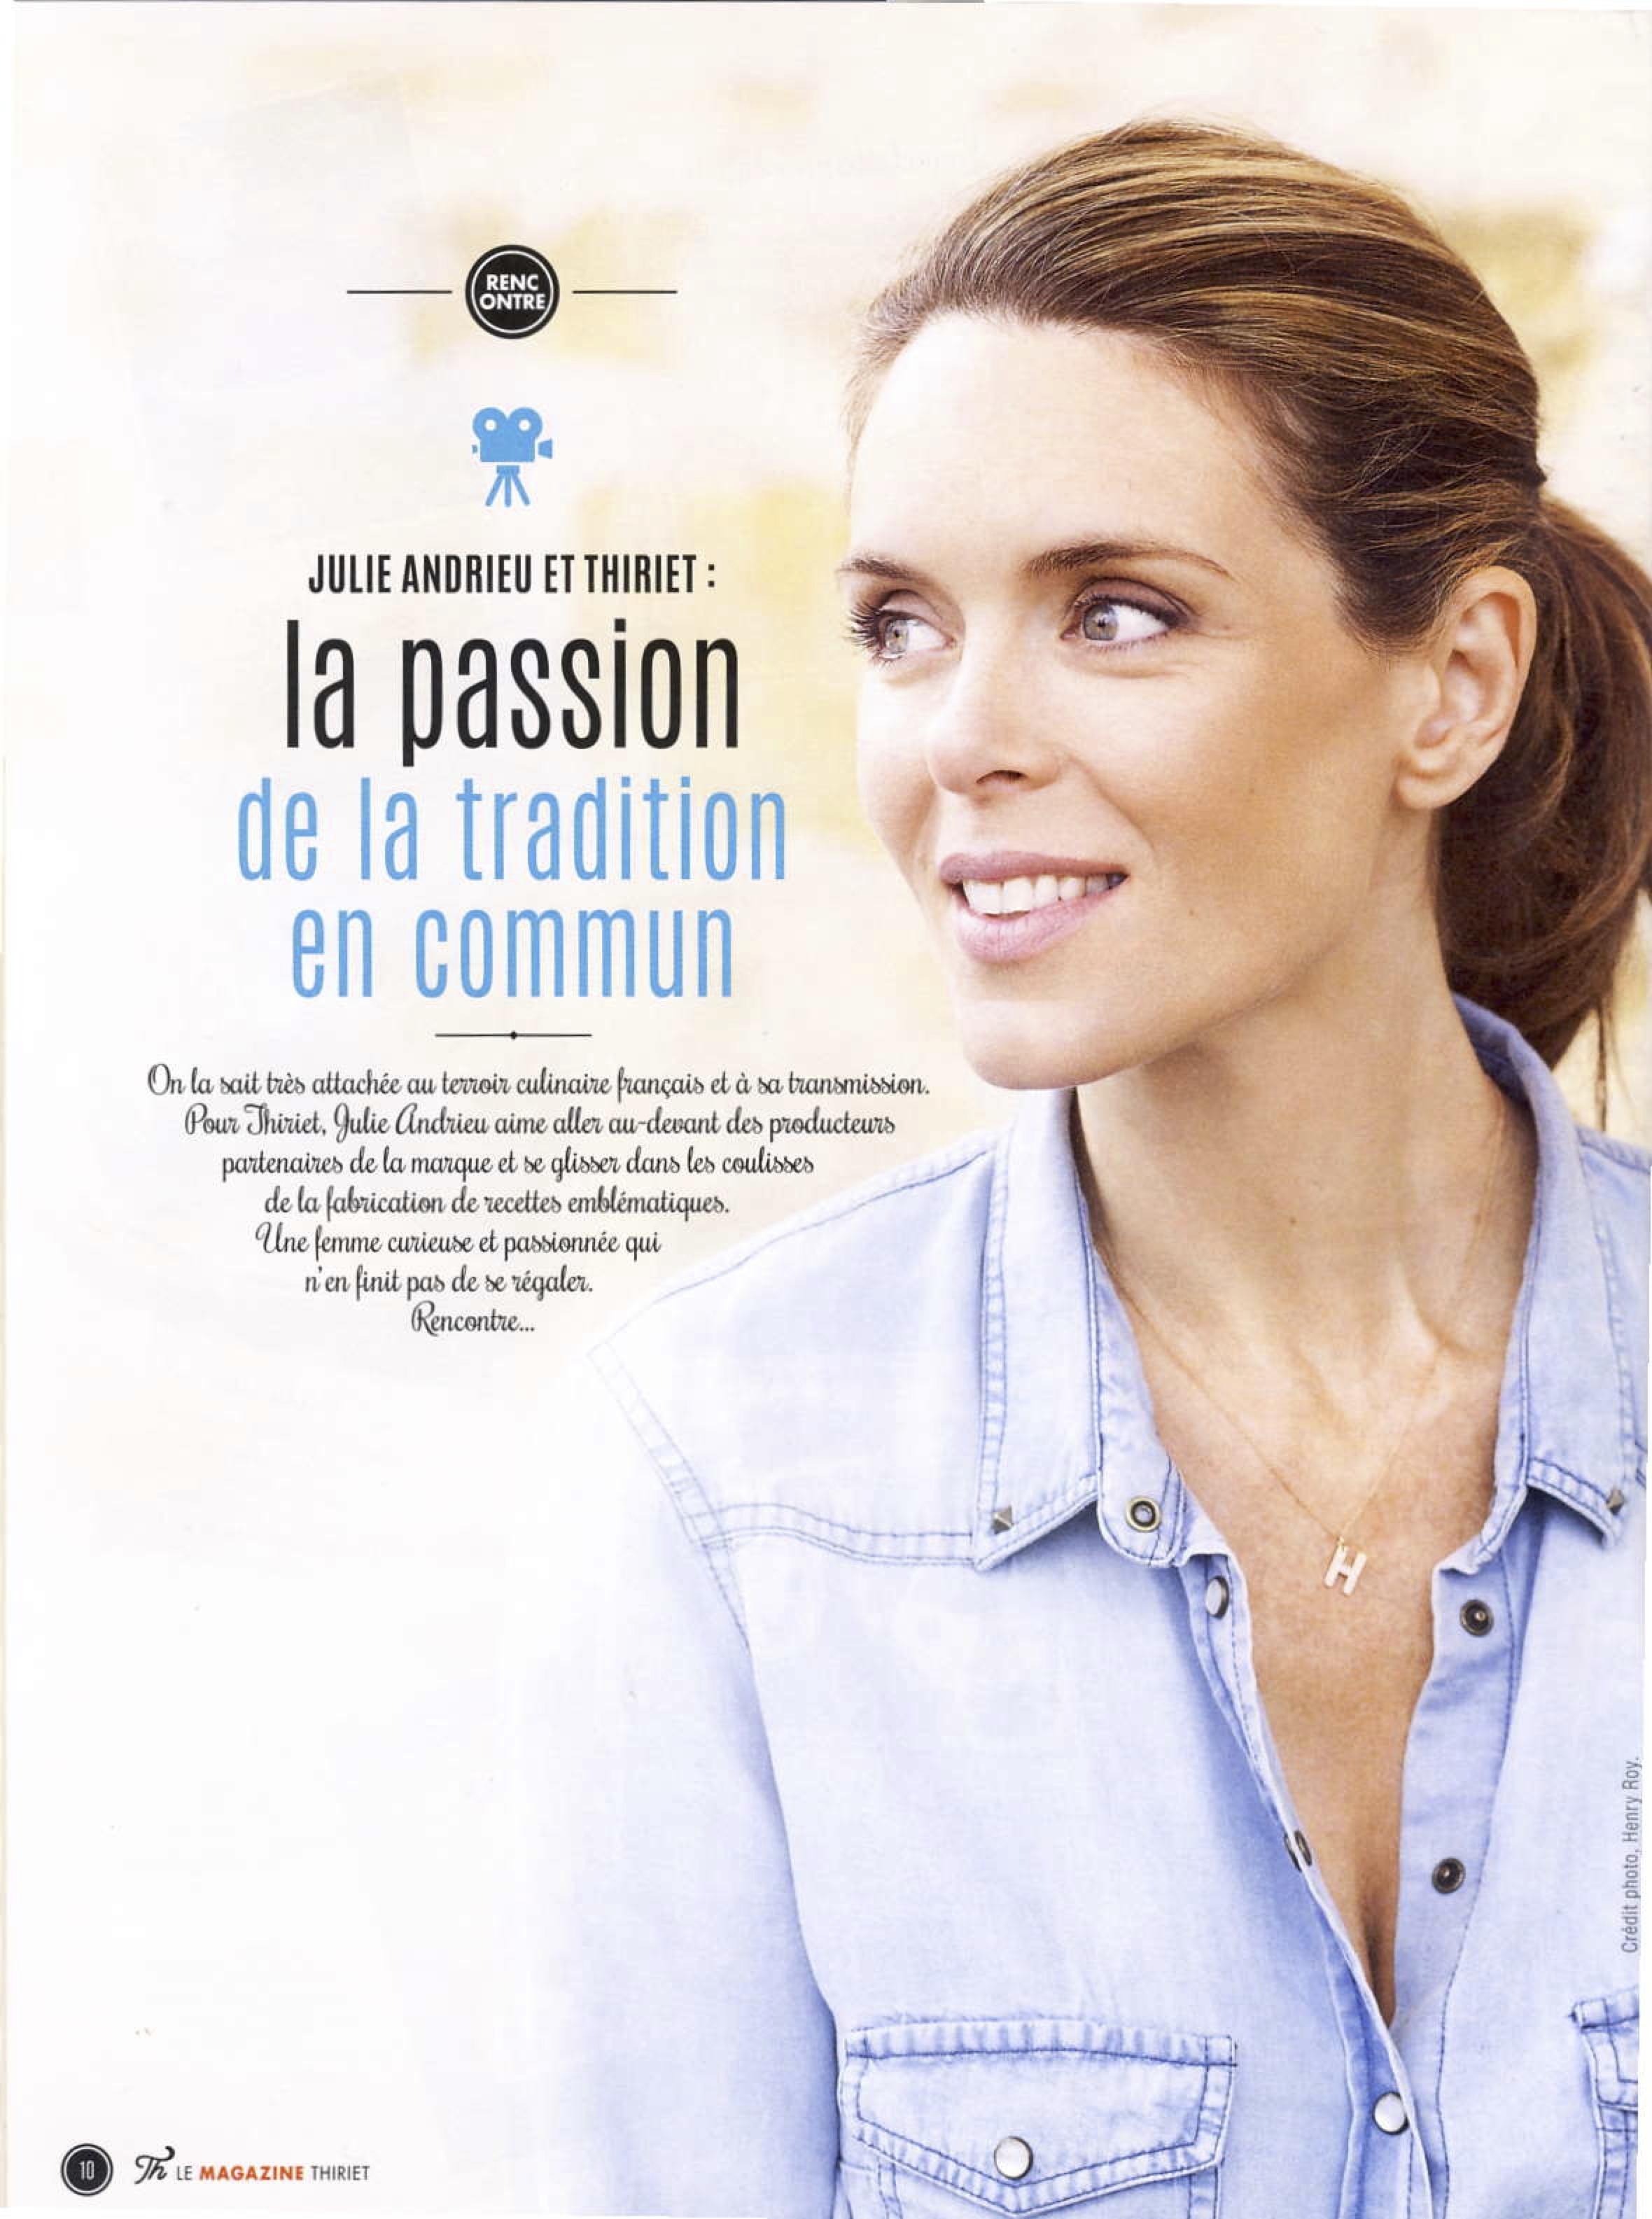 Julie Andrieu et Thiriet : La passion de la tradition en commun – Le Mag Thiriet